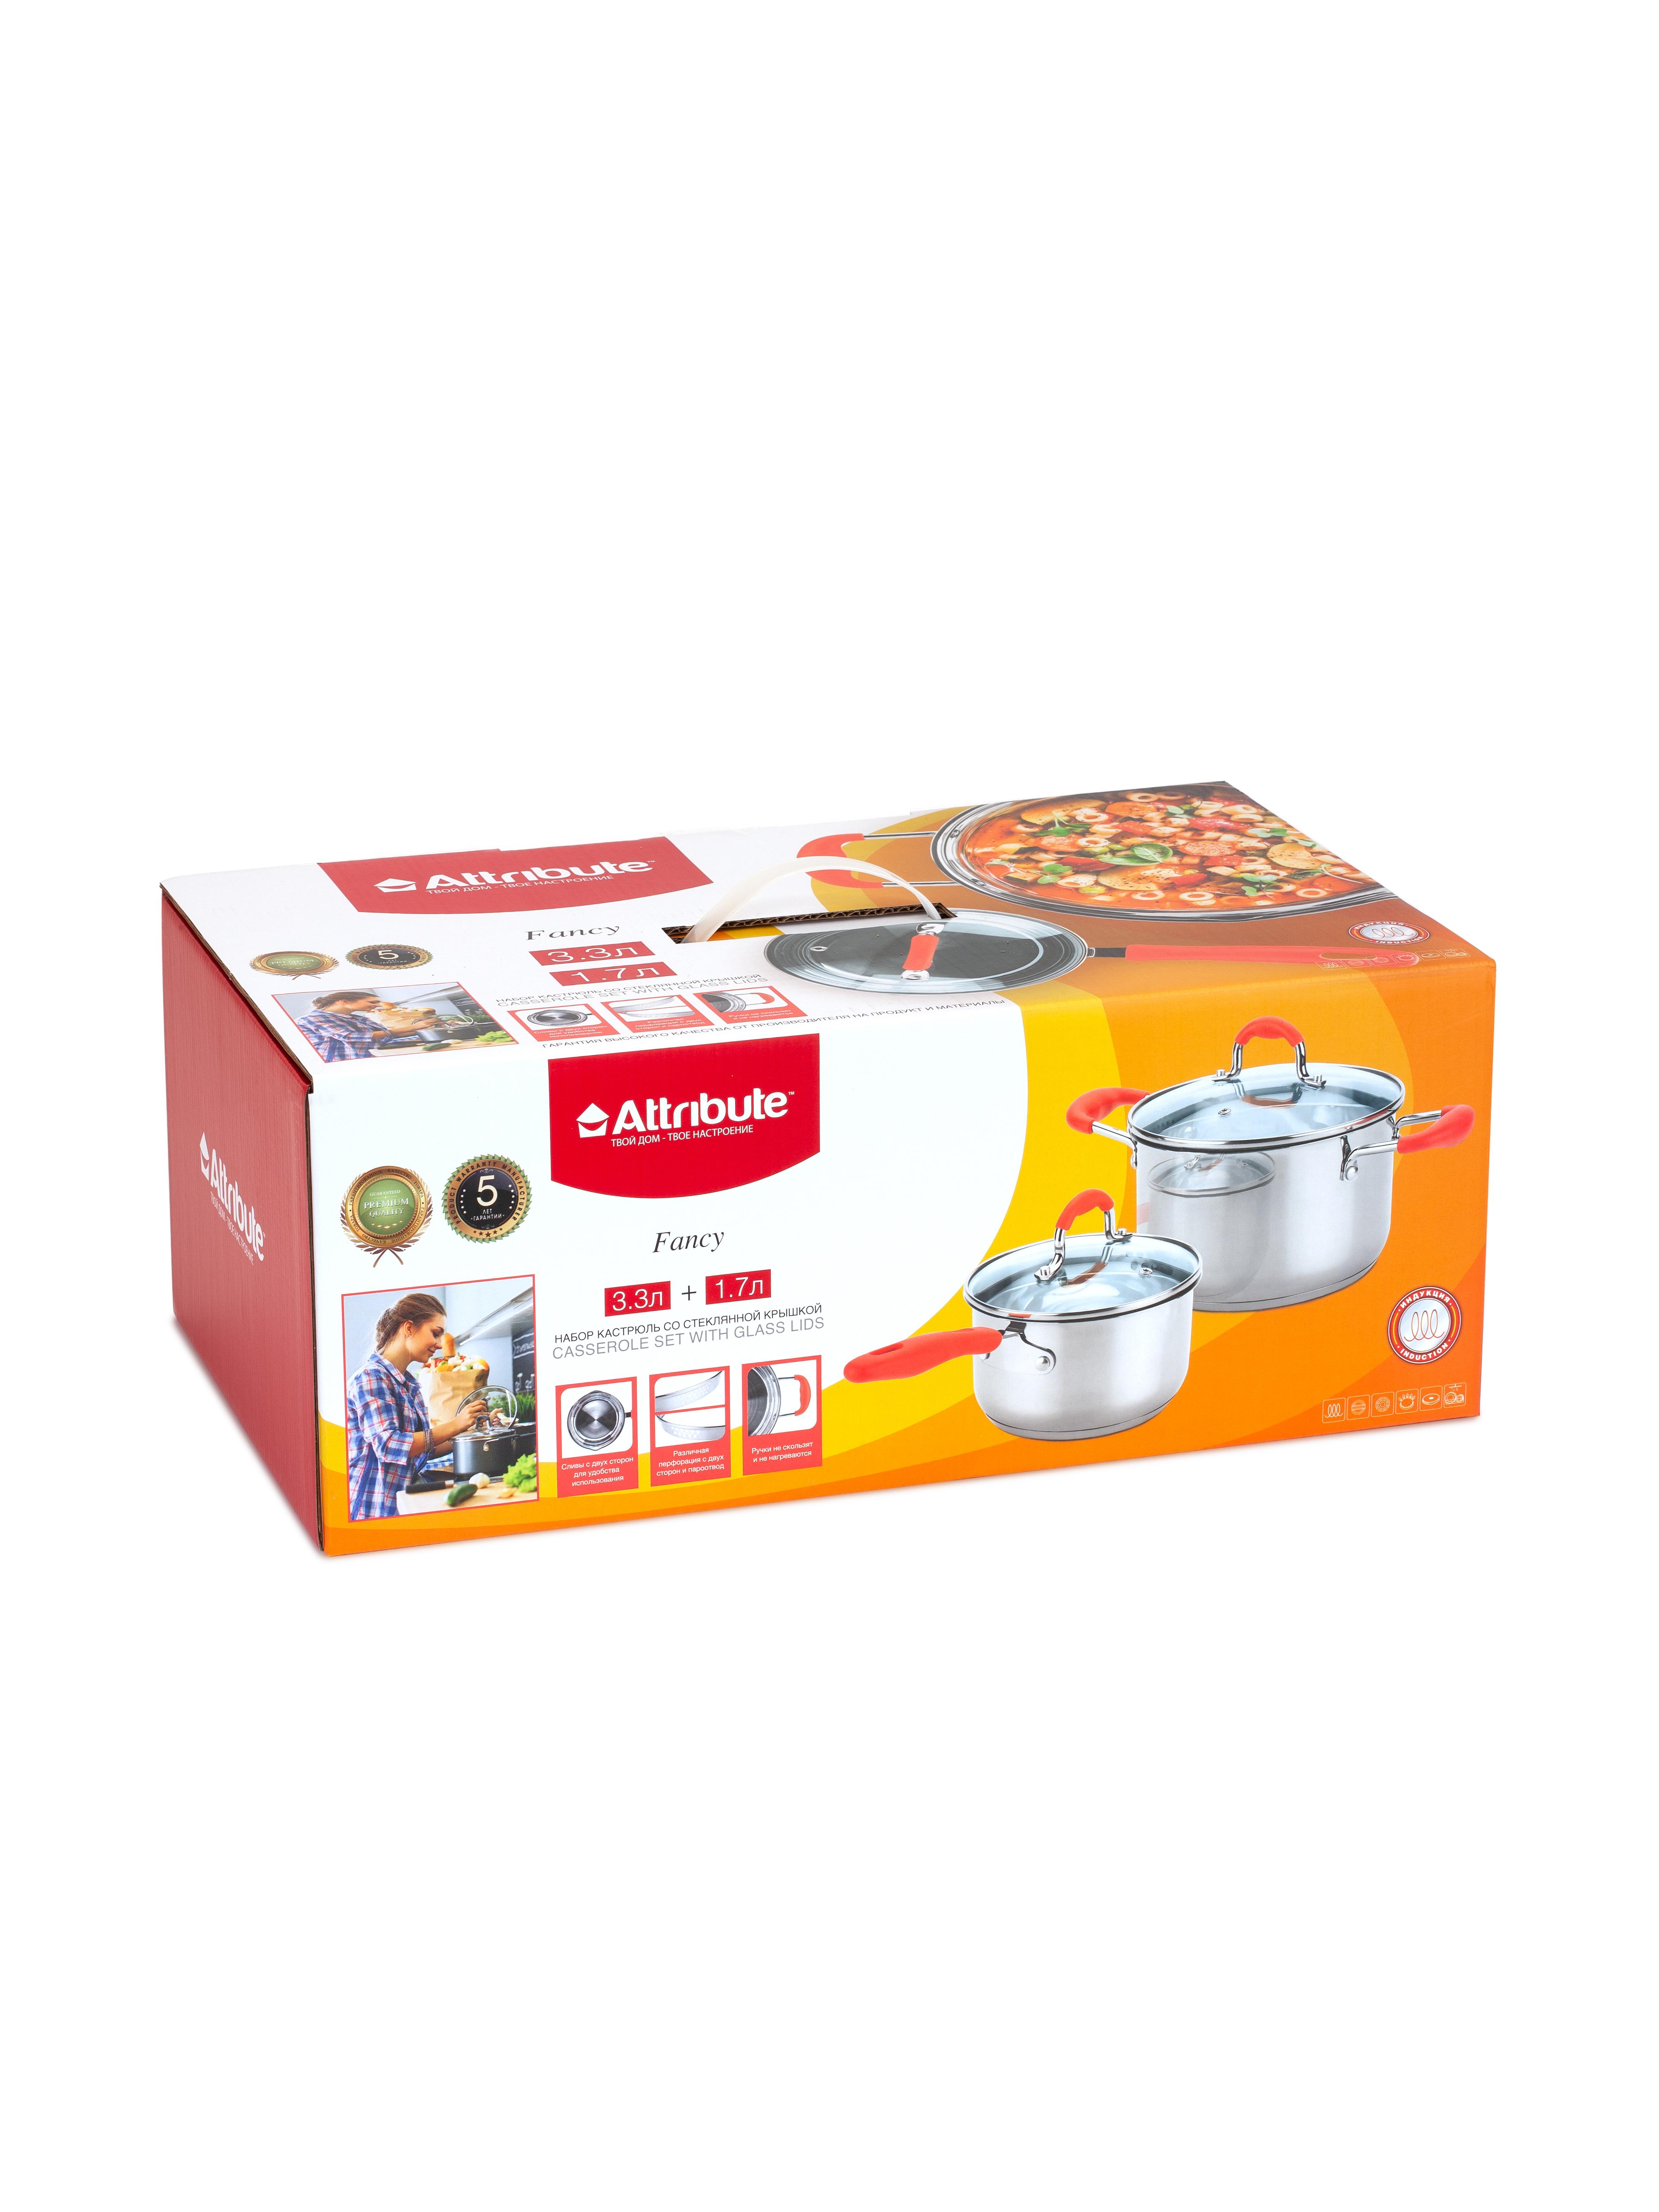 Набор посуды из нержавеющей стали FANCY 4пр.: ковш 1.7л + кастрюля 3.3л